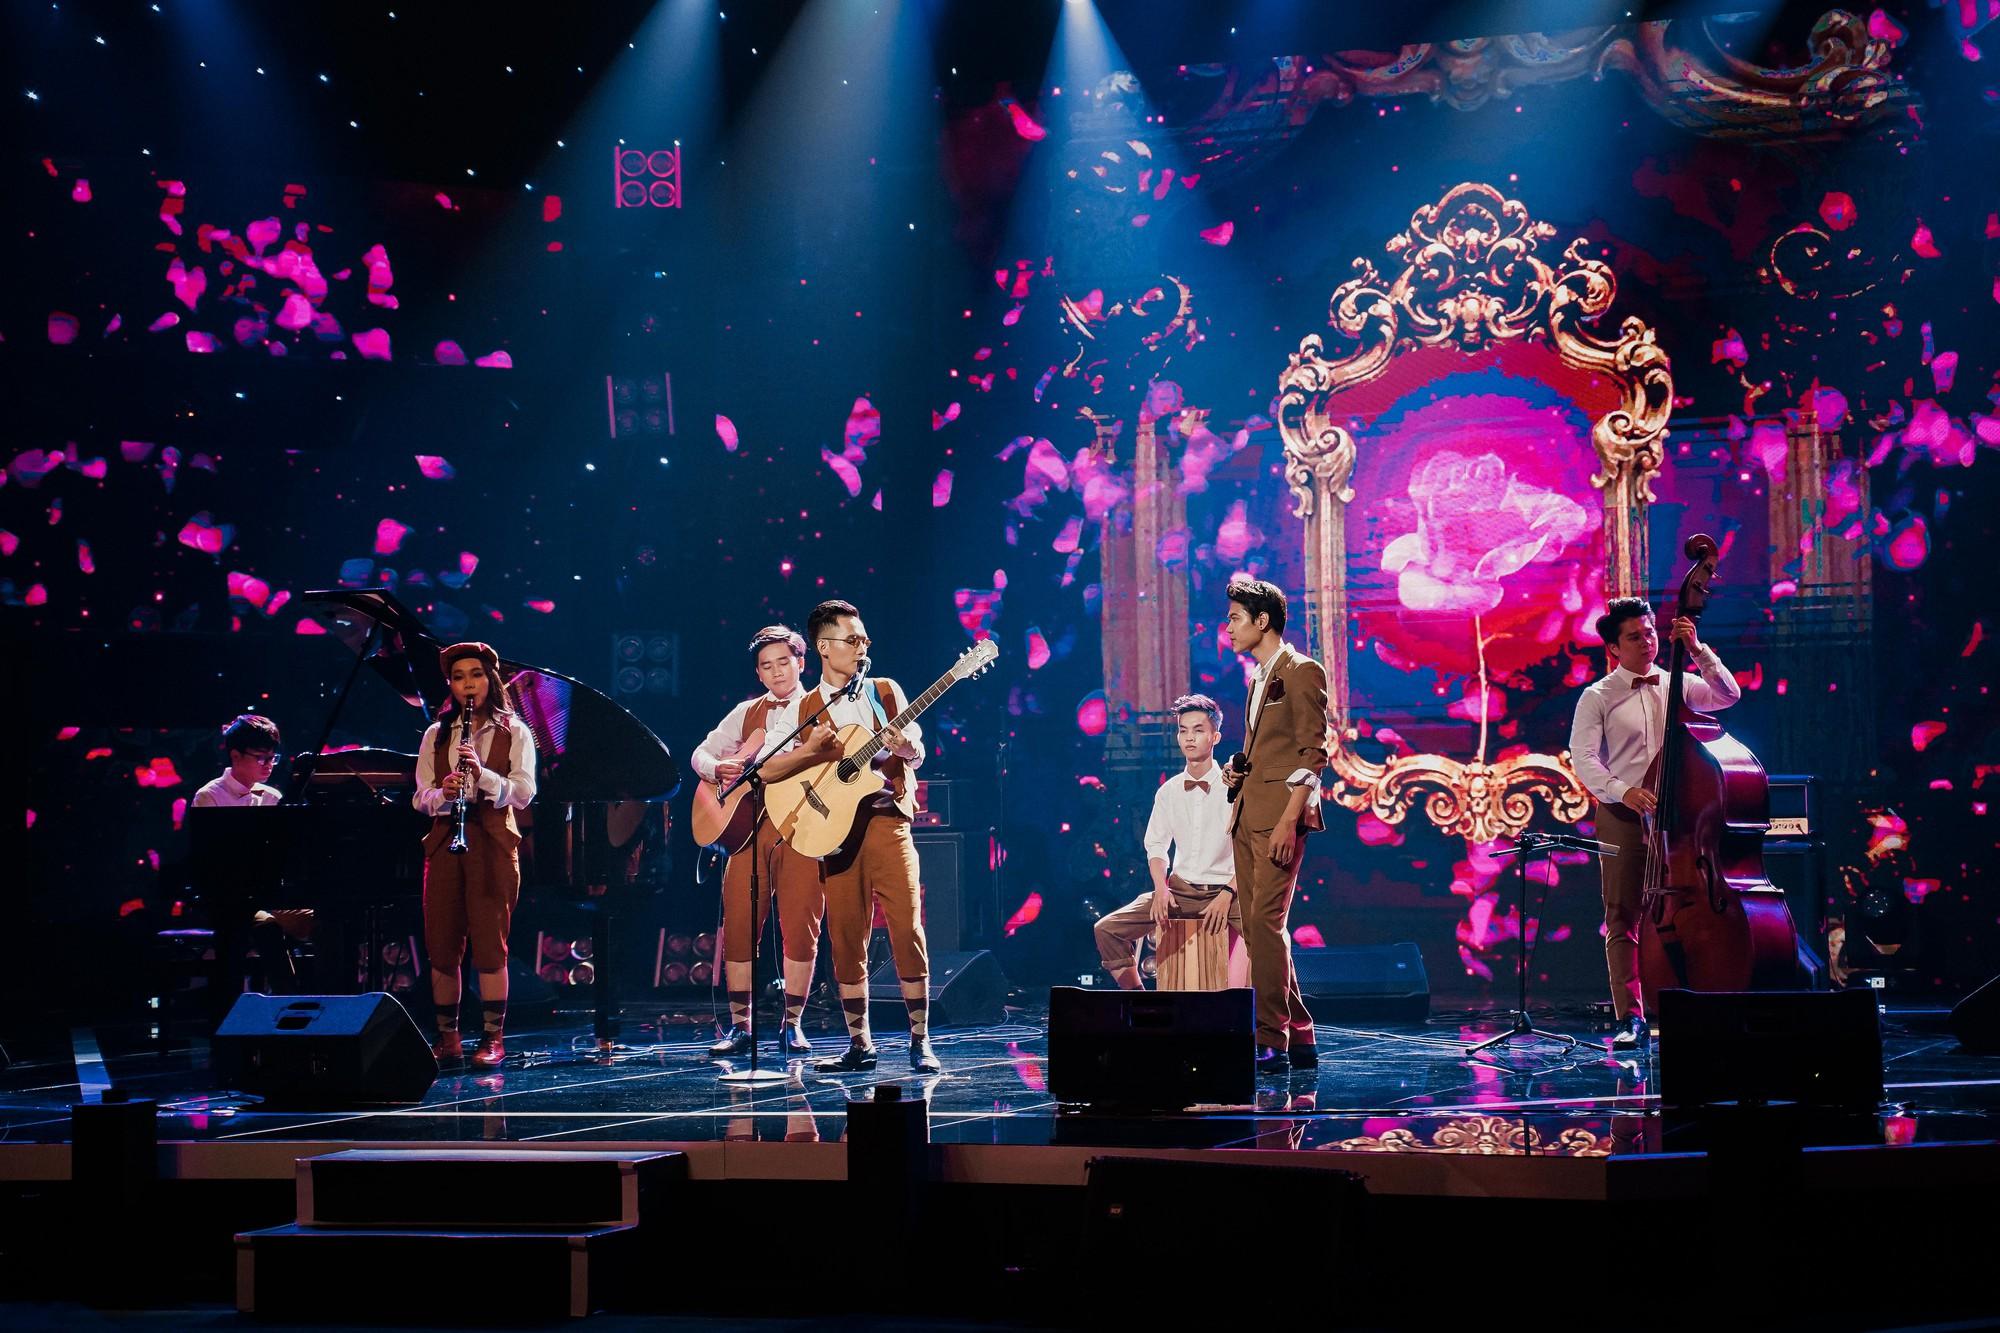 Ban nhạc Việt: Màn trộn lẫn hit Lam Trường, Mỹ Tâm, Phương Vy khiến các giám khảo bàn tán sôi nổi - Ảnh 4.